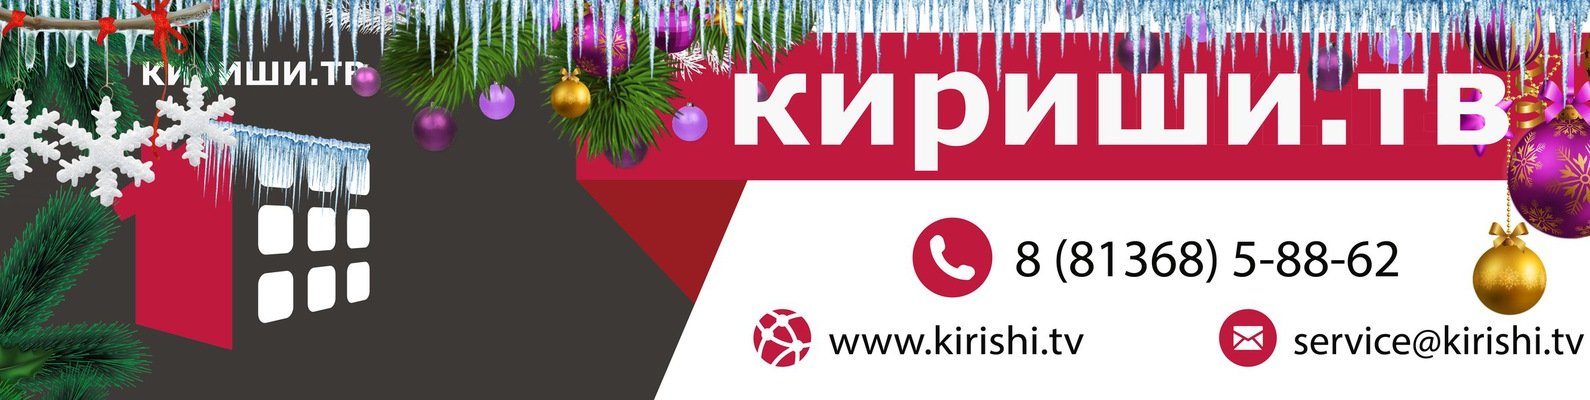 киришская телесеть официальный сайт